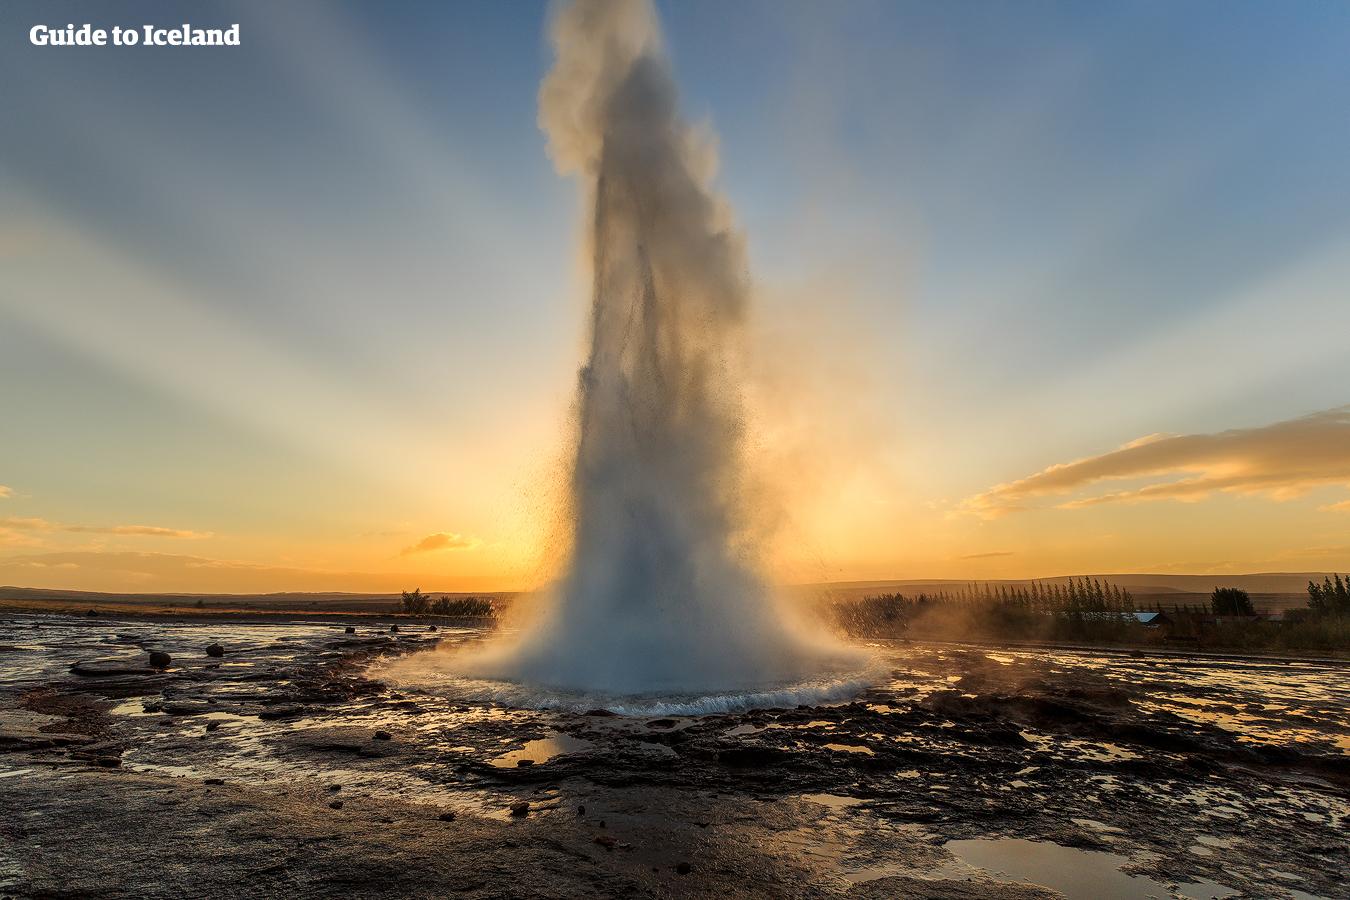 Gdy na Islandii panują białe noce, dobrym pomysłem jest zwiedzanie wieczorem gdy w pobliżu Strokkur nie ma nikogo.